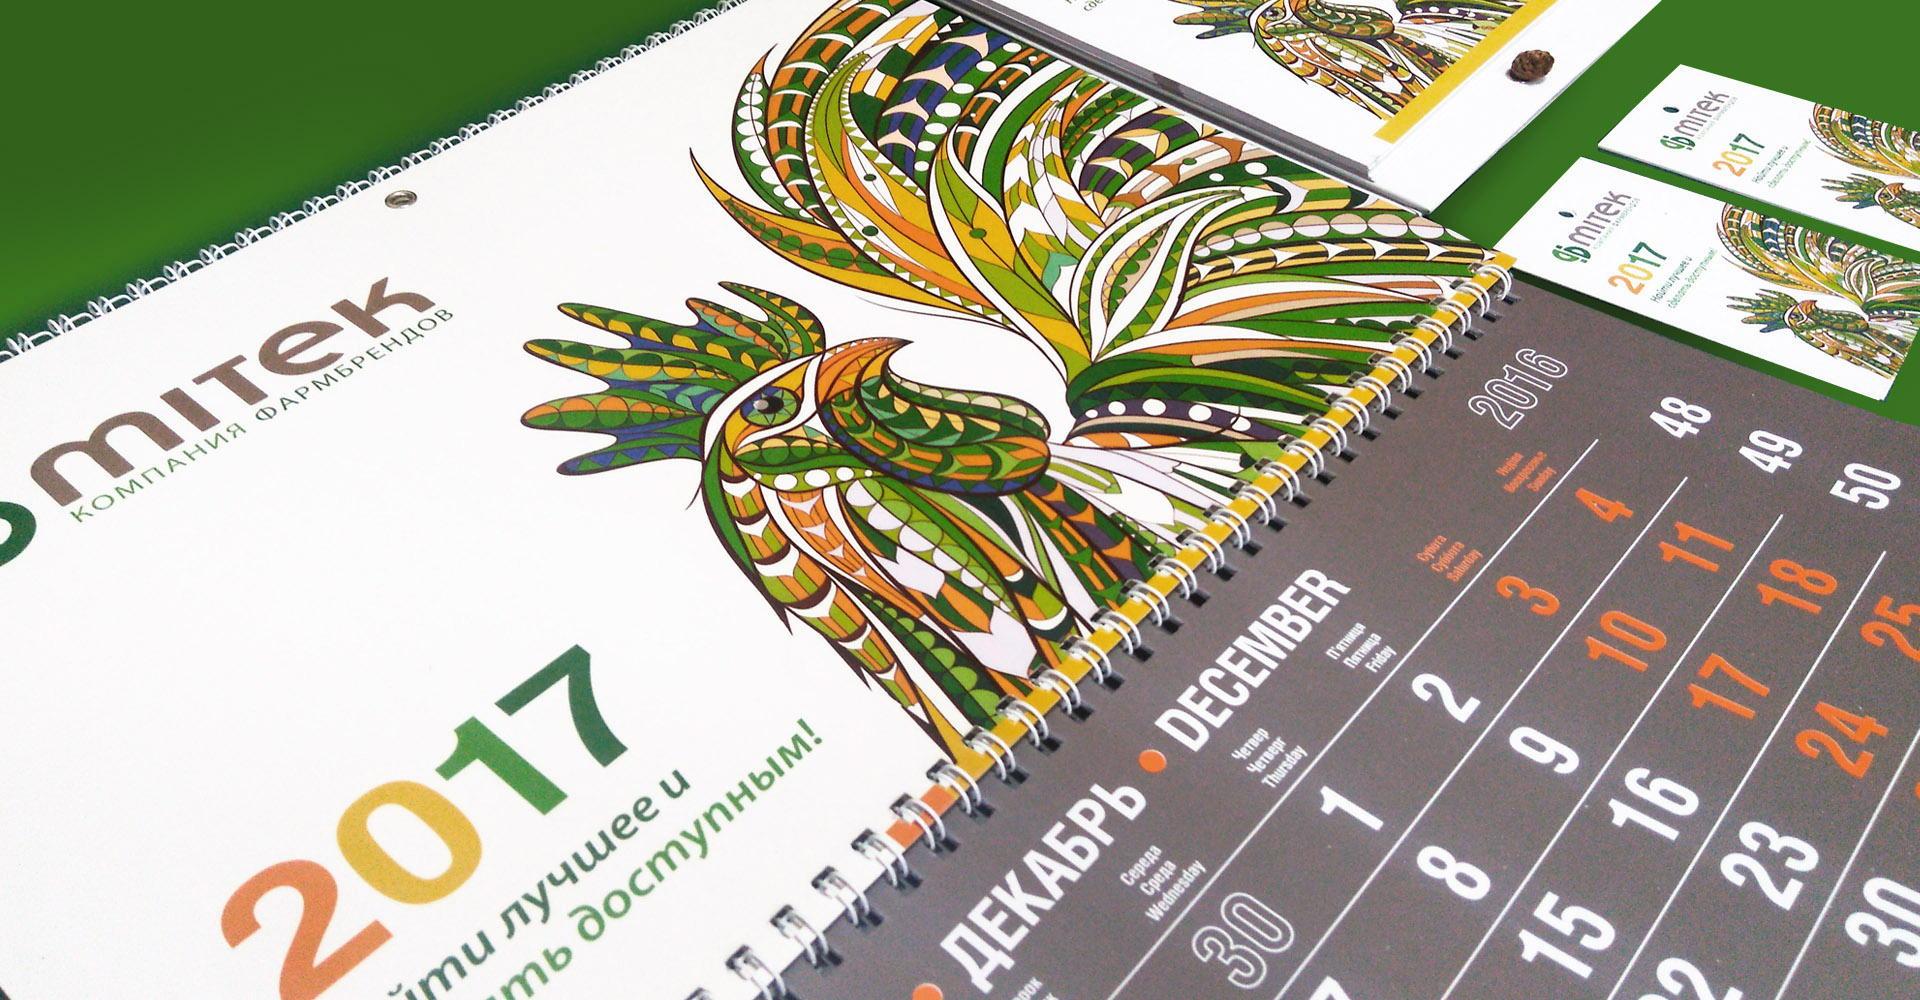 Создание дизайна календаря фармацевтической компании